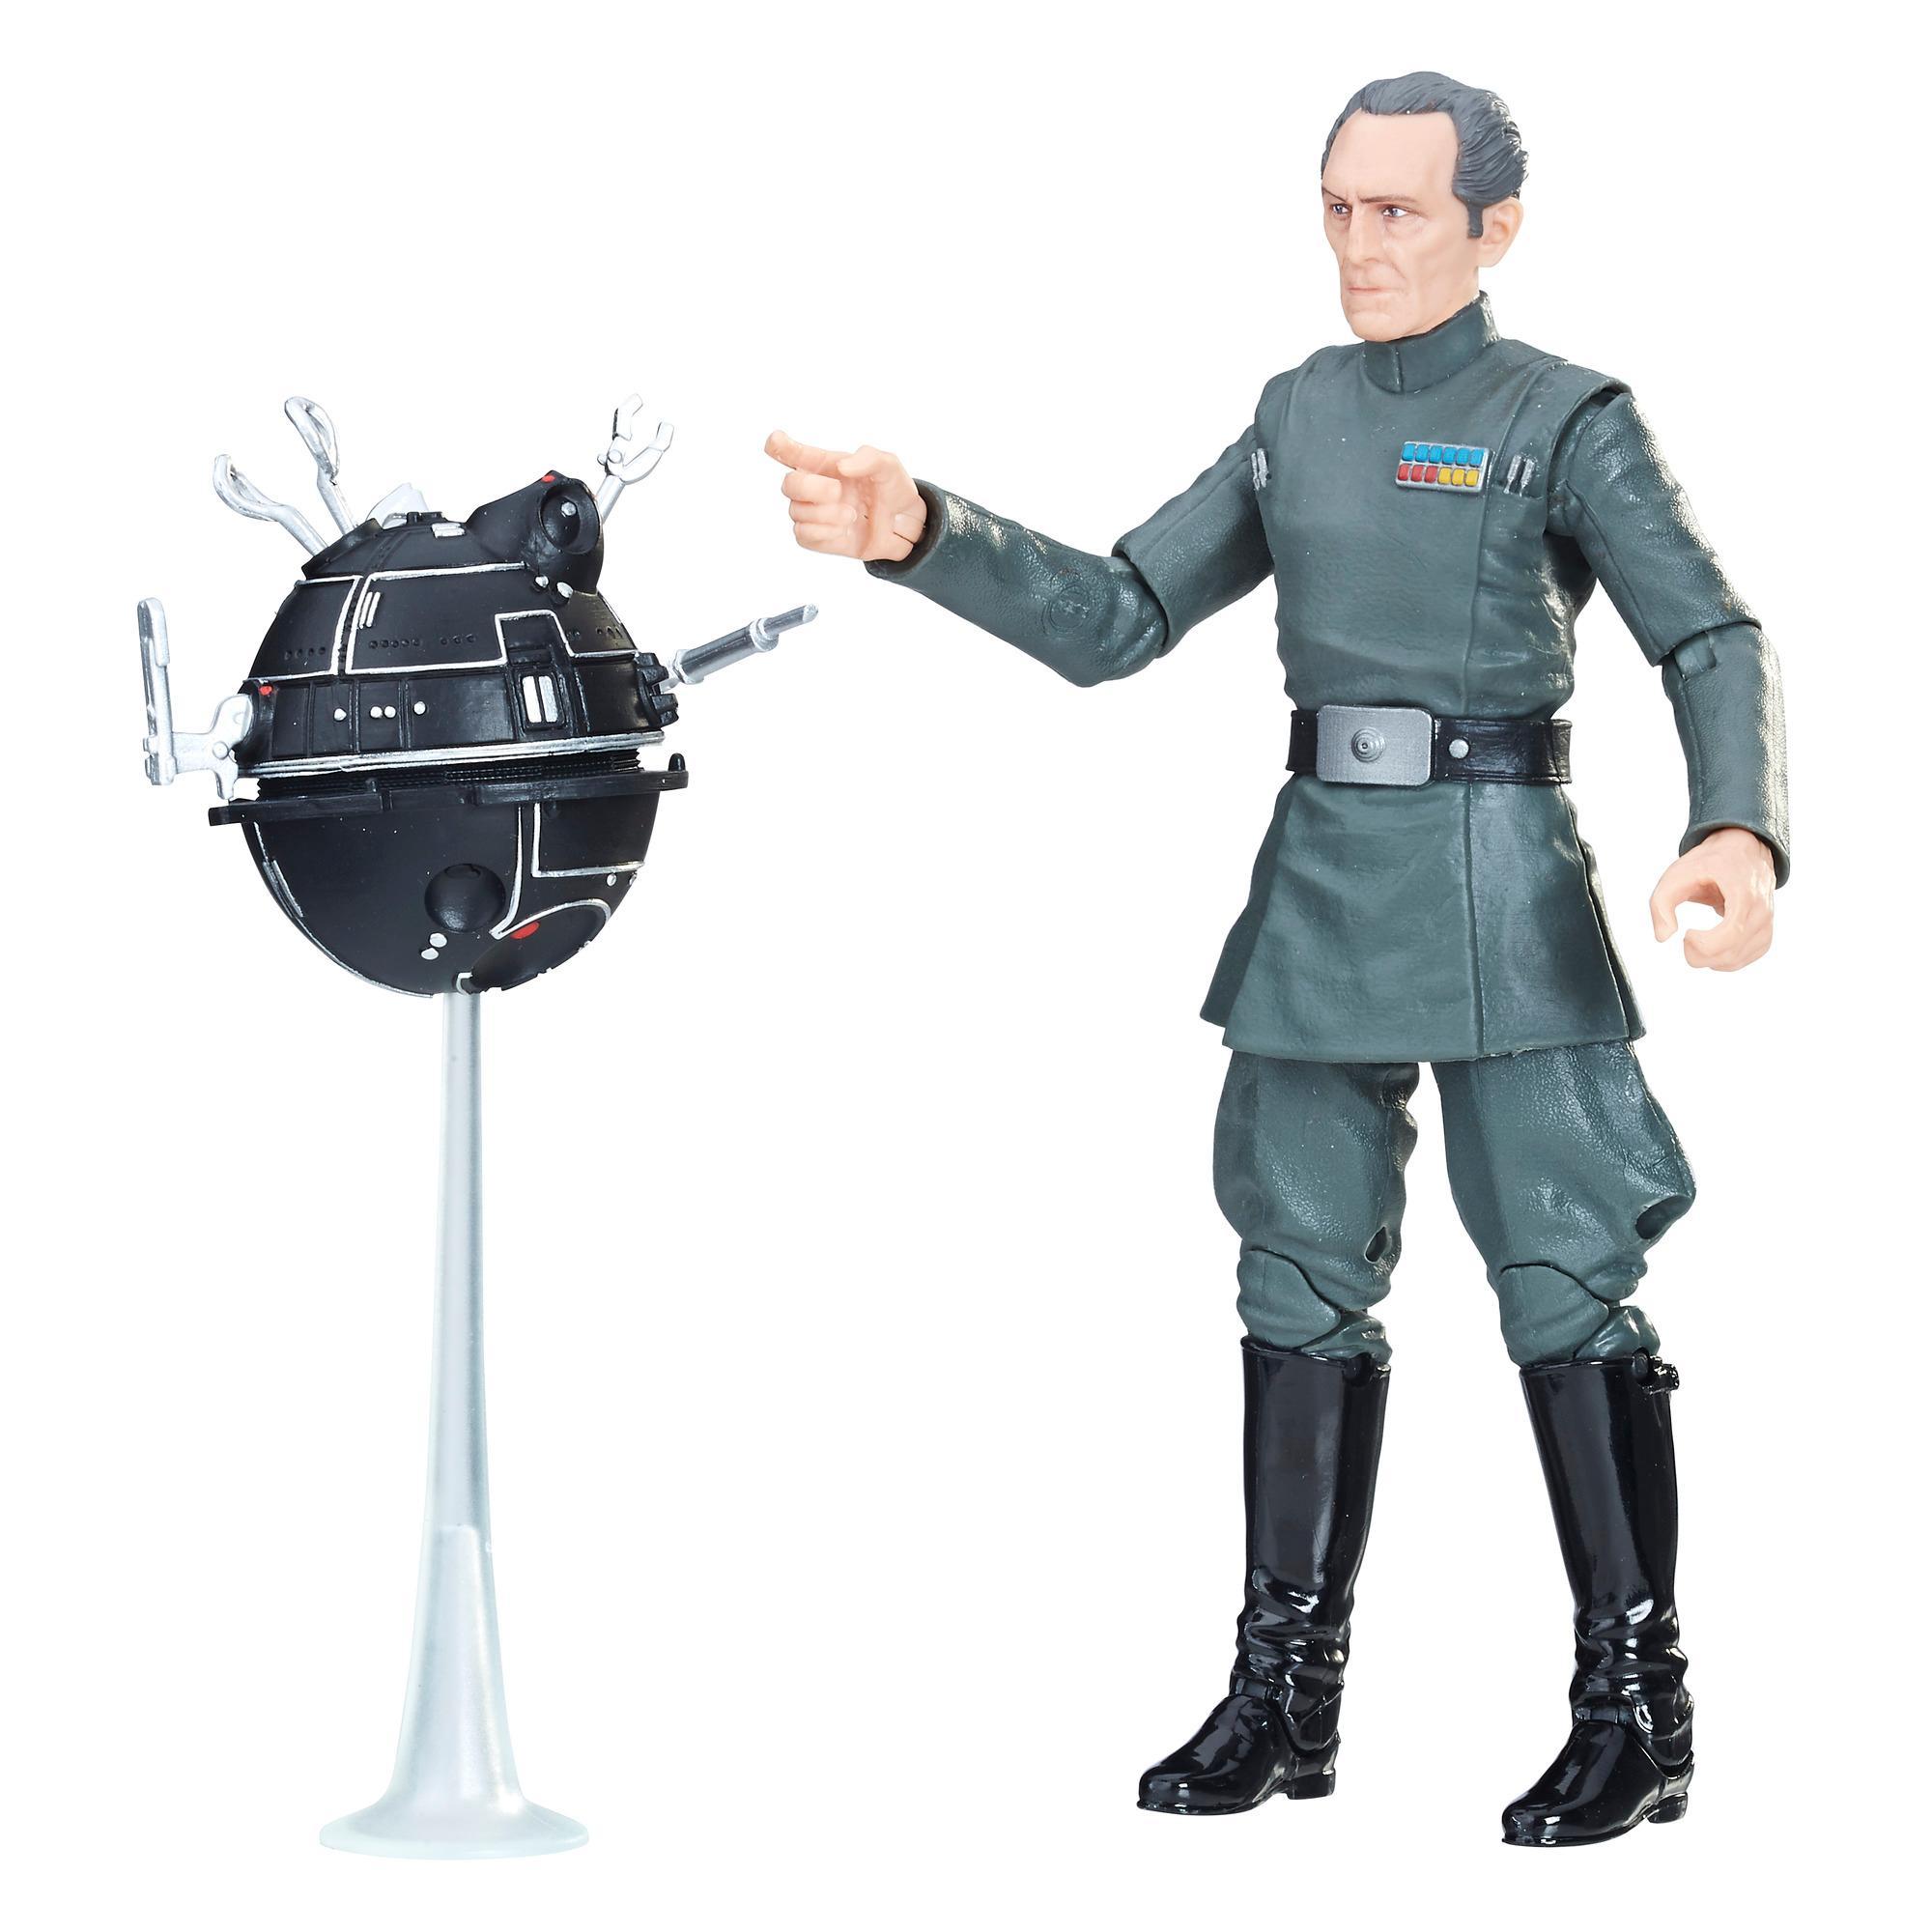 Star Wars The Black Series - Grand Moff Tarkin de 15 cm